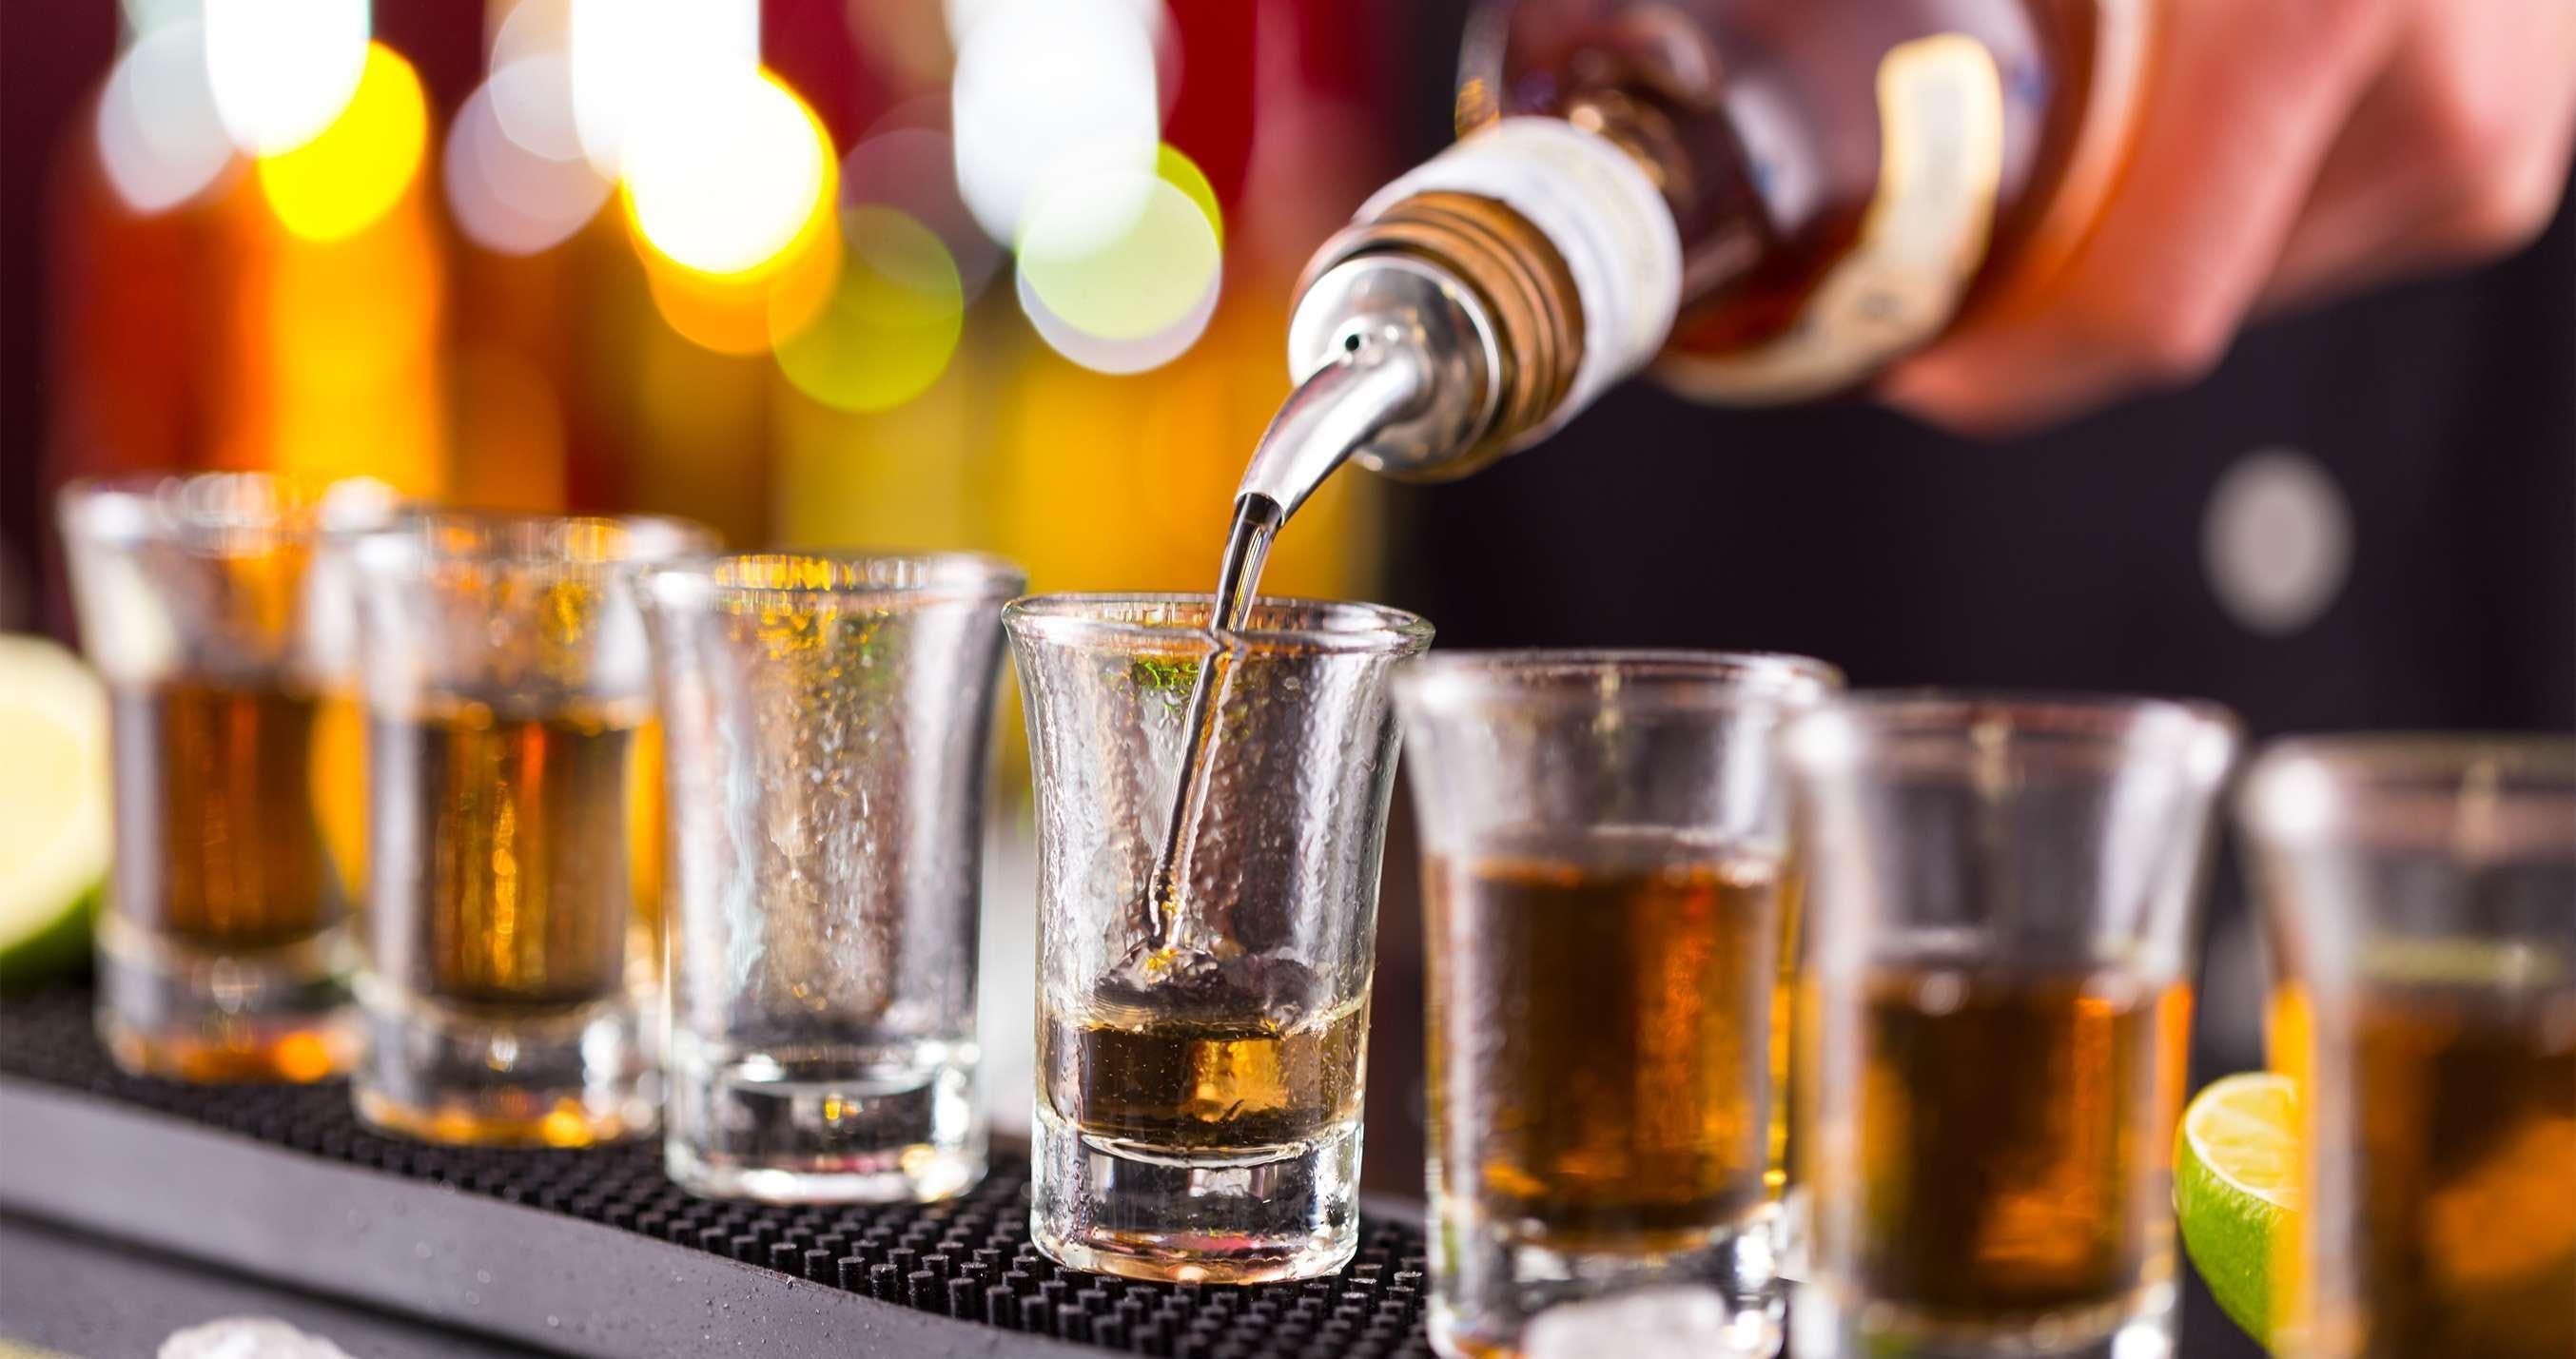 Alcol perchè? Effetti, rischi e tentazioni di